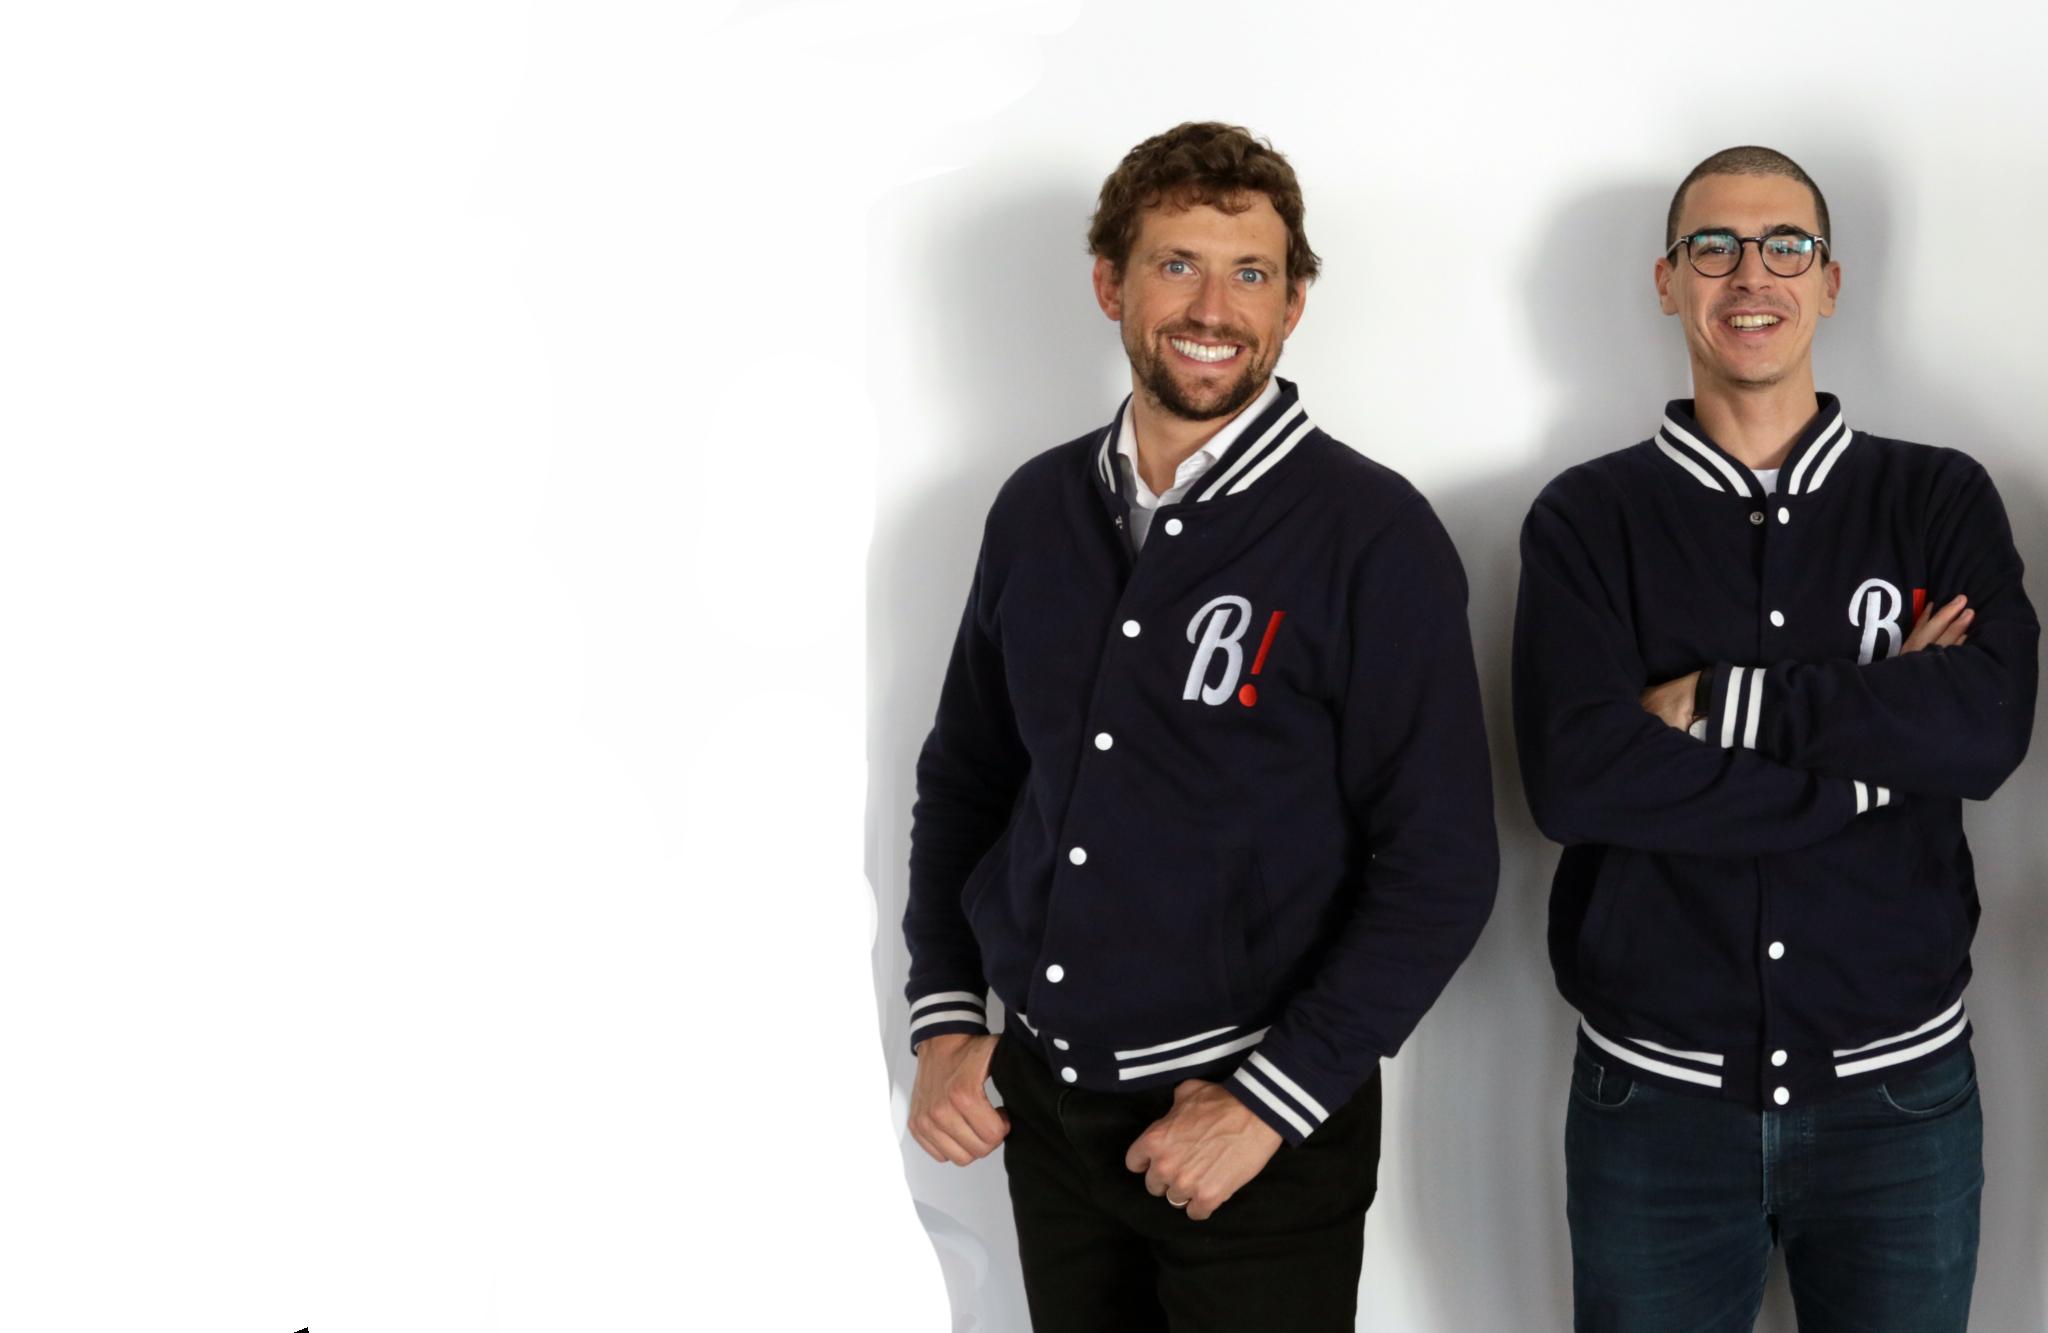 recrutement artisans - Blaise et Hamza, associés et fondateurs de Bob! Dépannage - Bob! maintenance